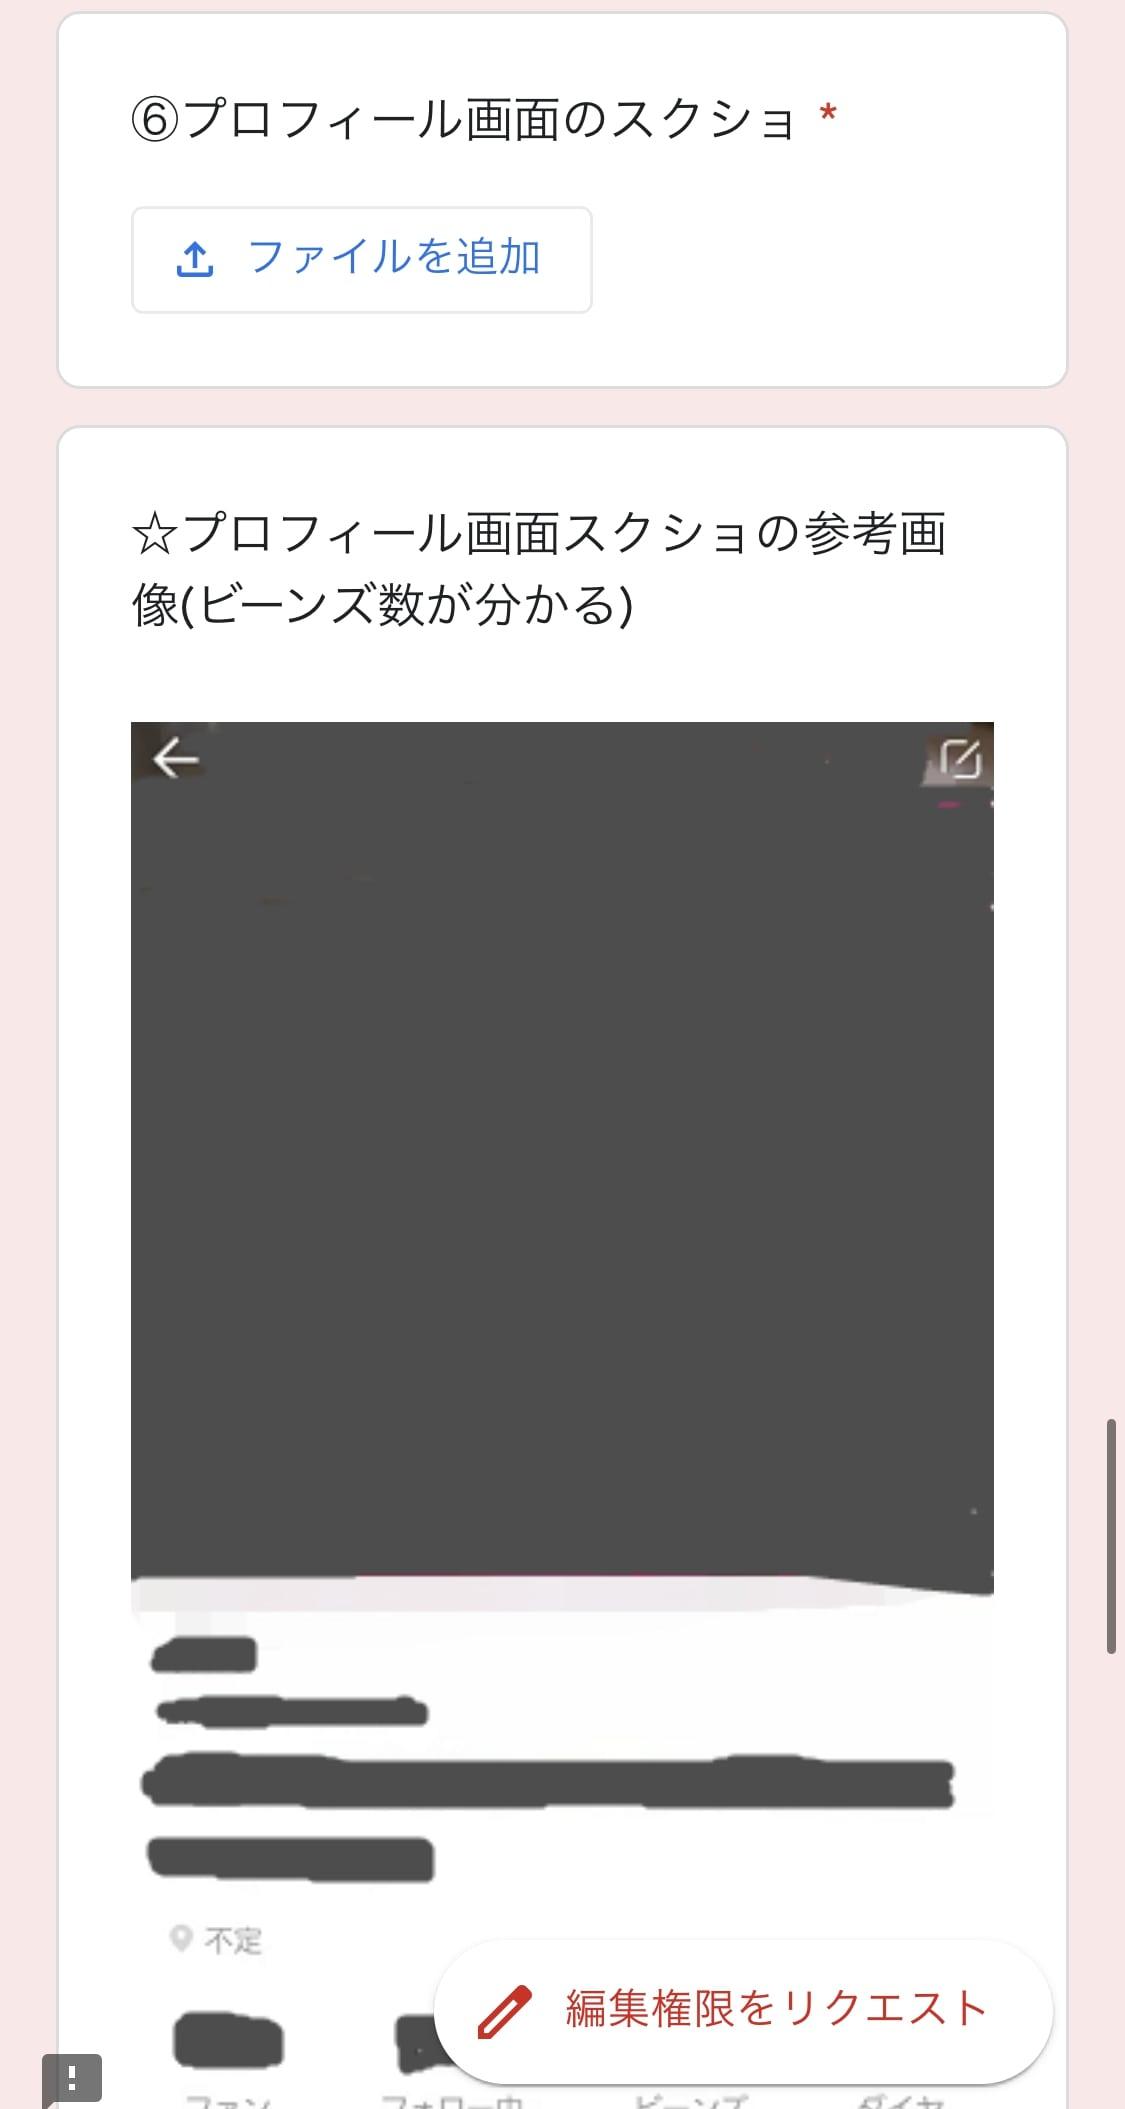 ビゴライブ 賞品申請方法